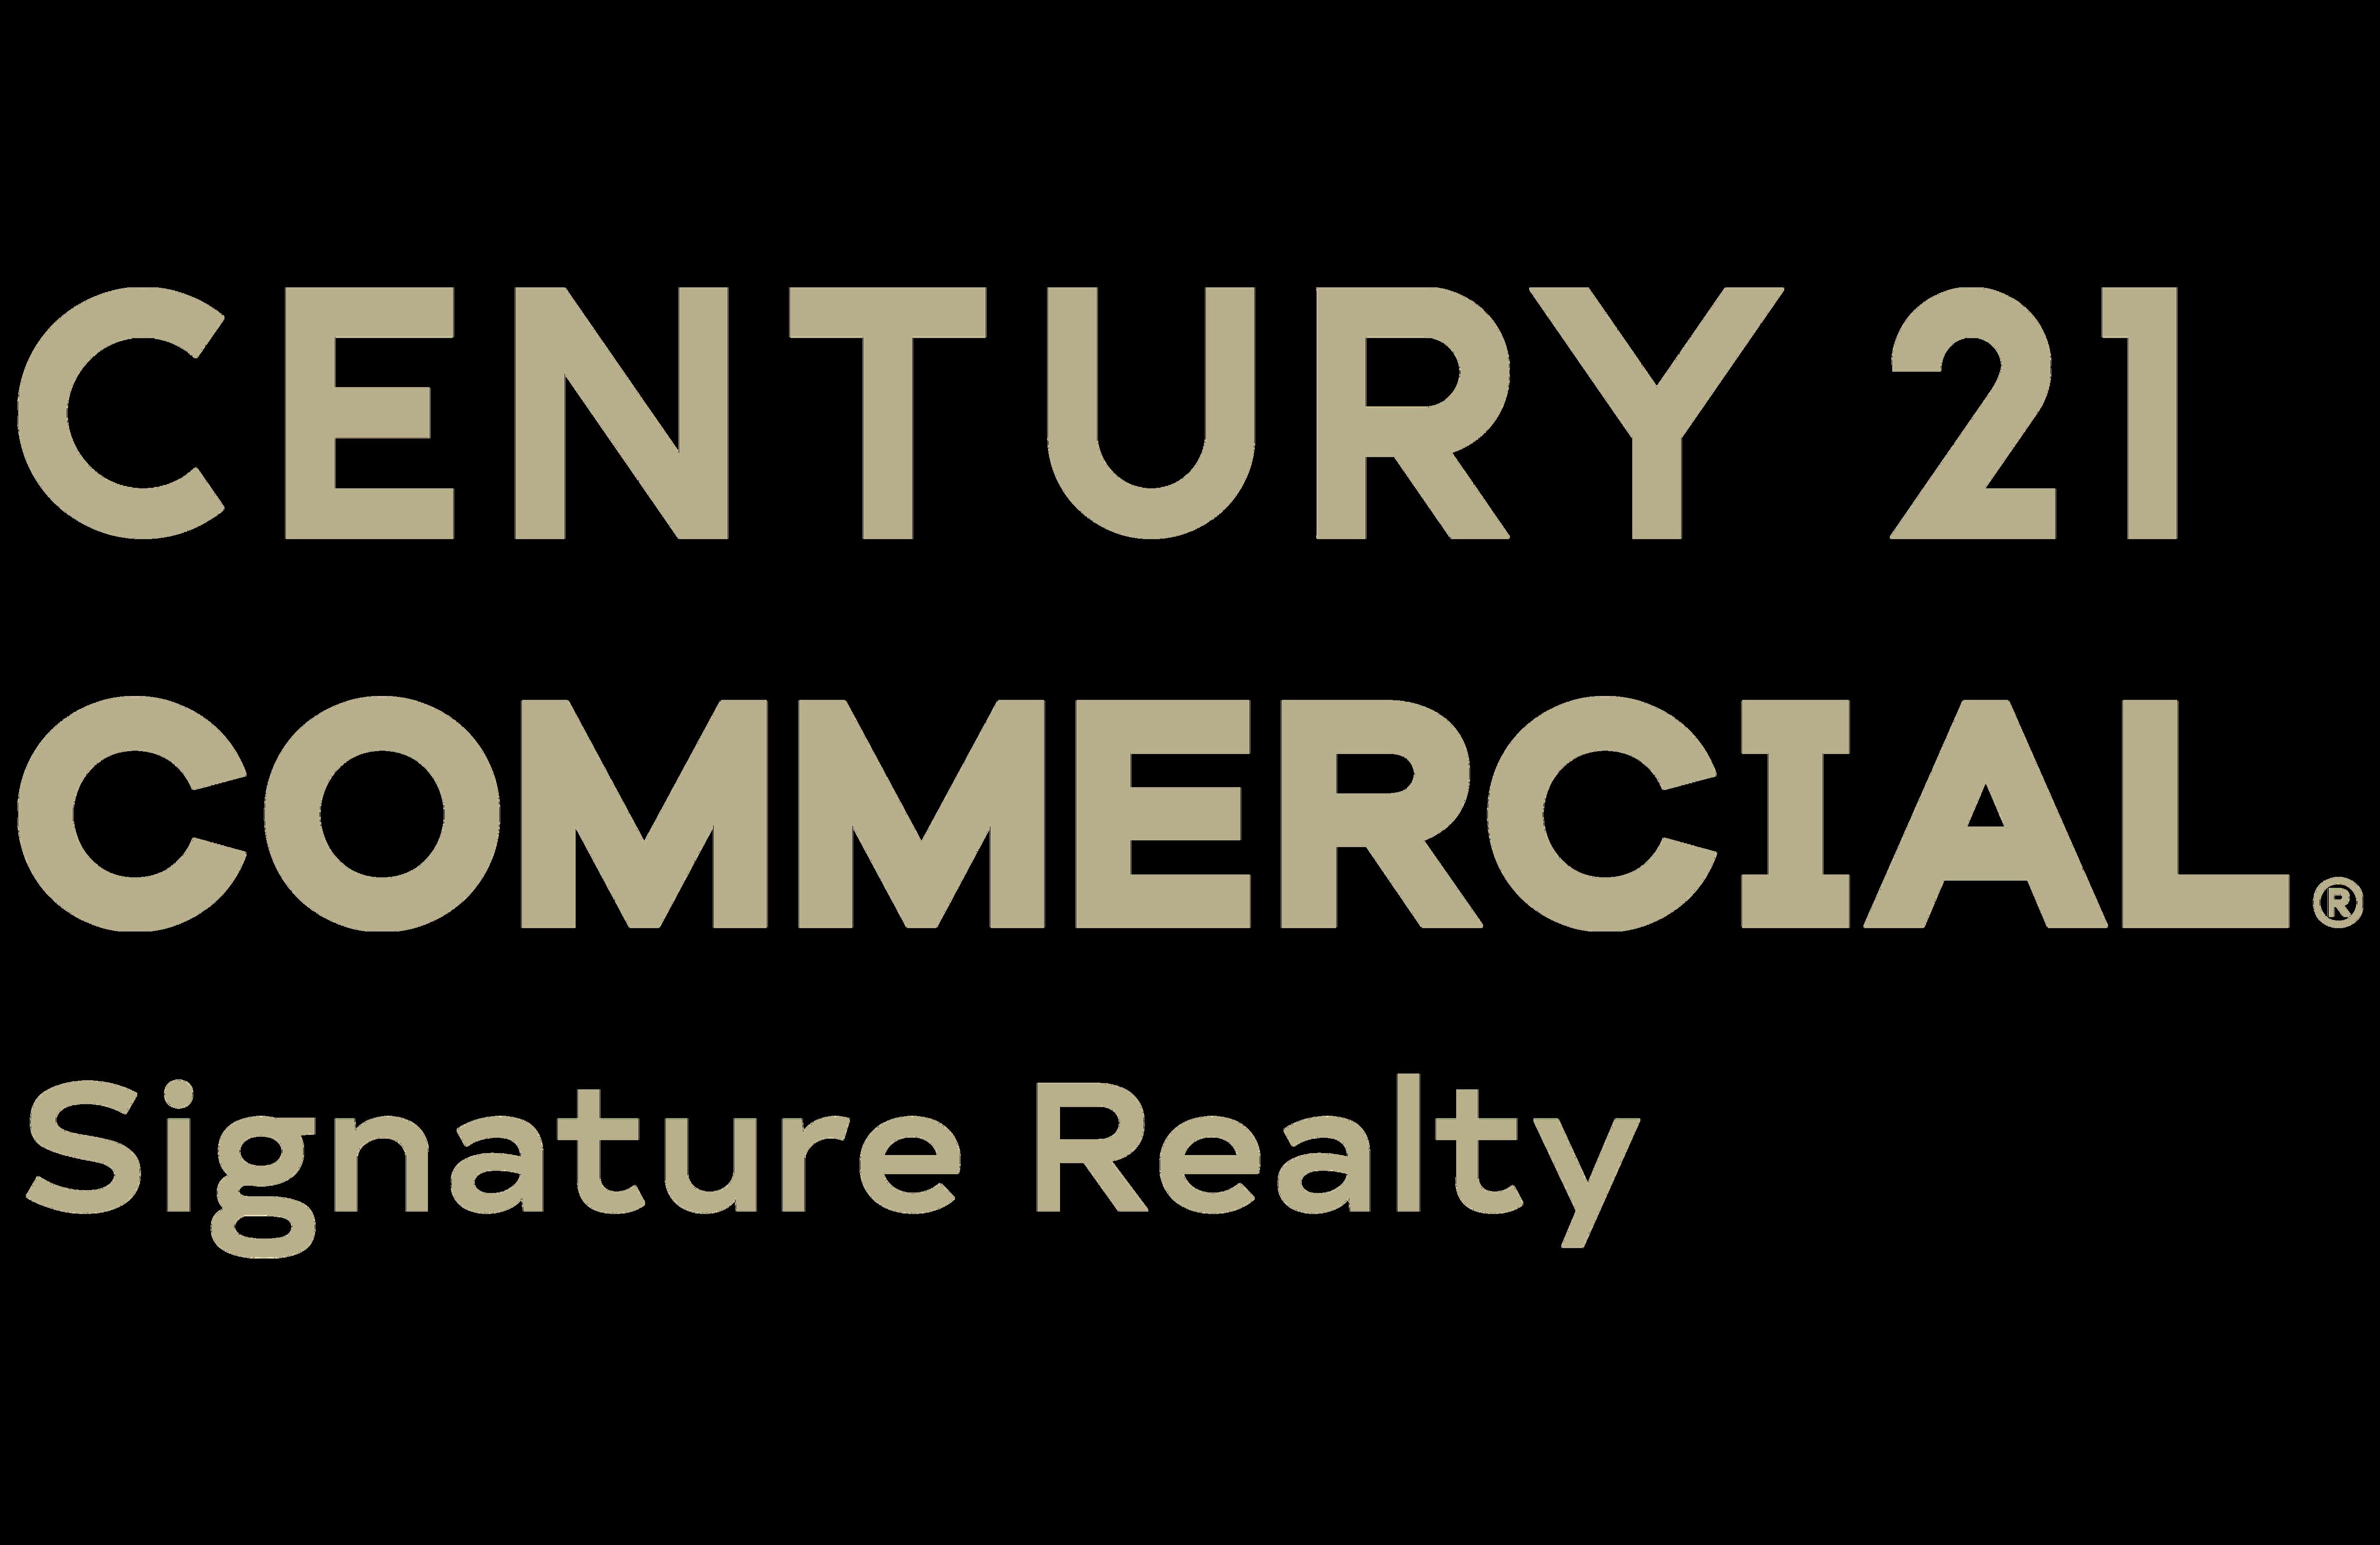 Kenneth Kujawa of CENTURY 21 Signature Realty logo